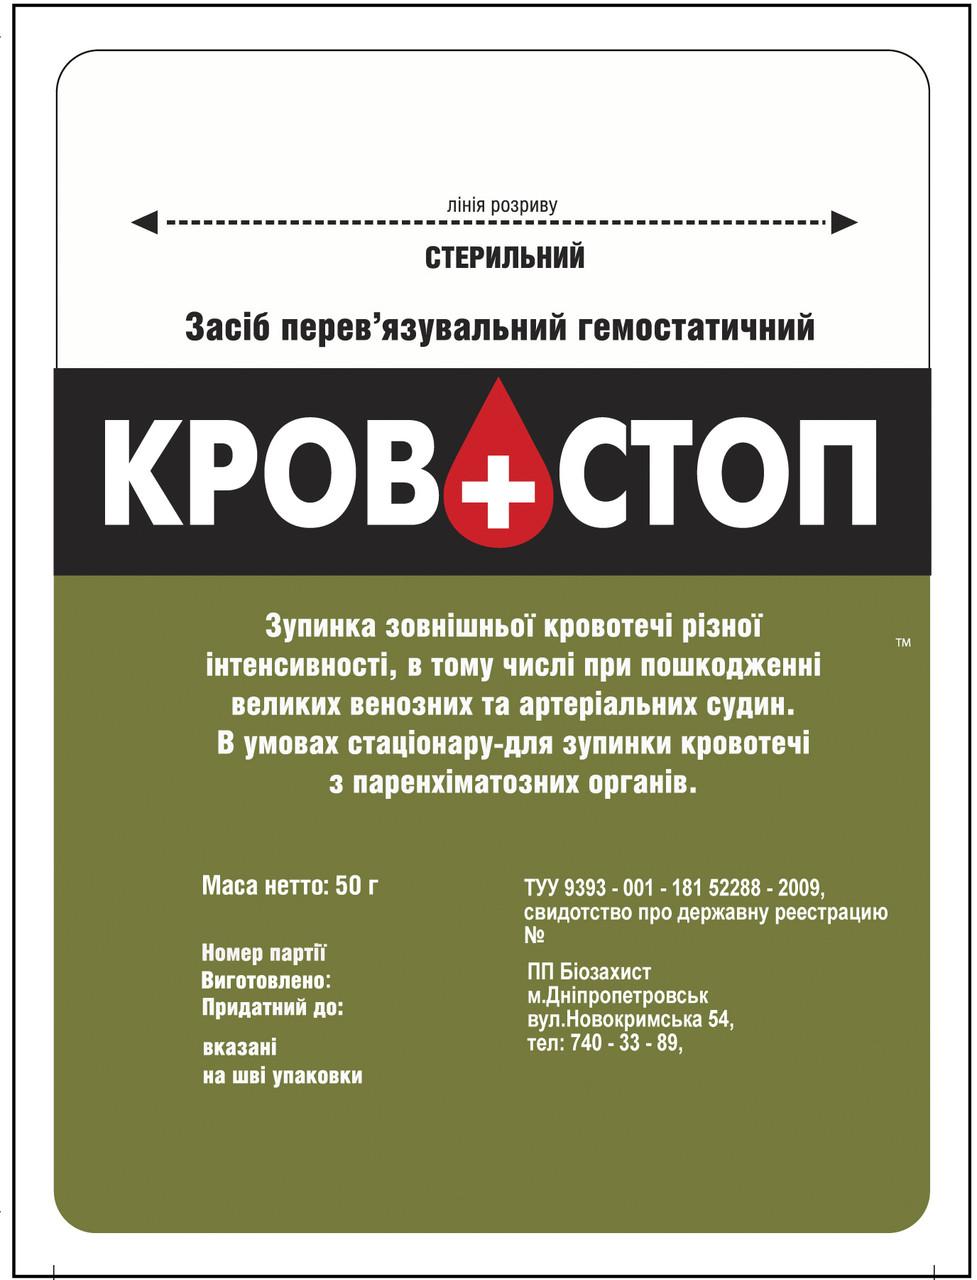 Средство перевязочное гемостатическое КРОВСТОП украинского производства